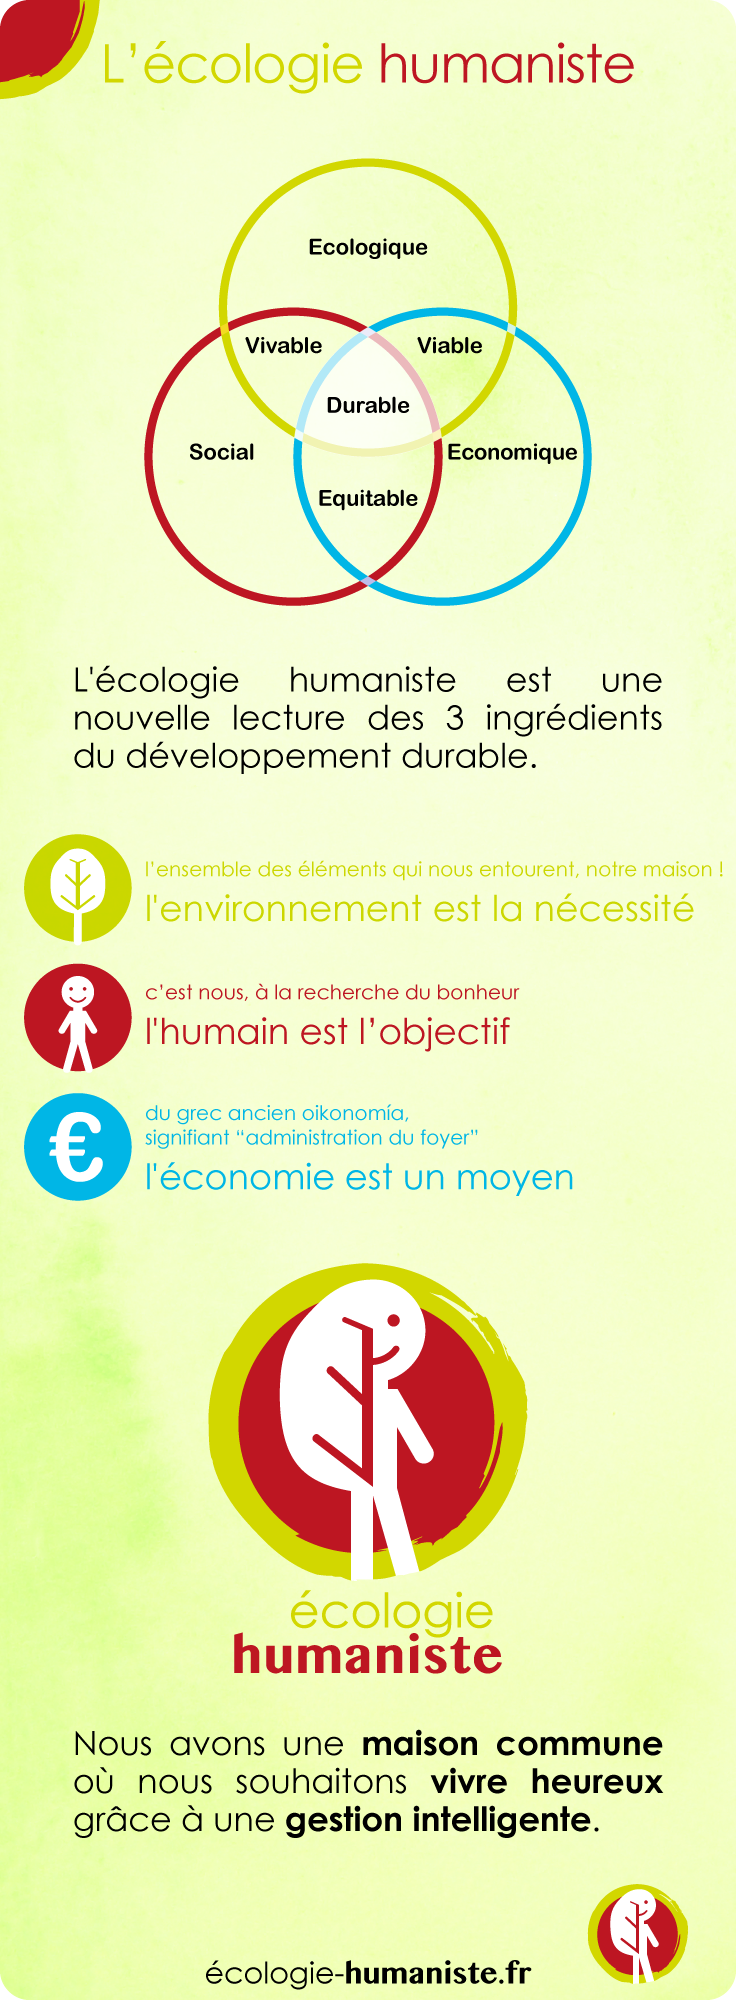 L Ecologie Humaniste Definition Ecologie Humaniste Fr Ecologie Developpement Durable Developpement